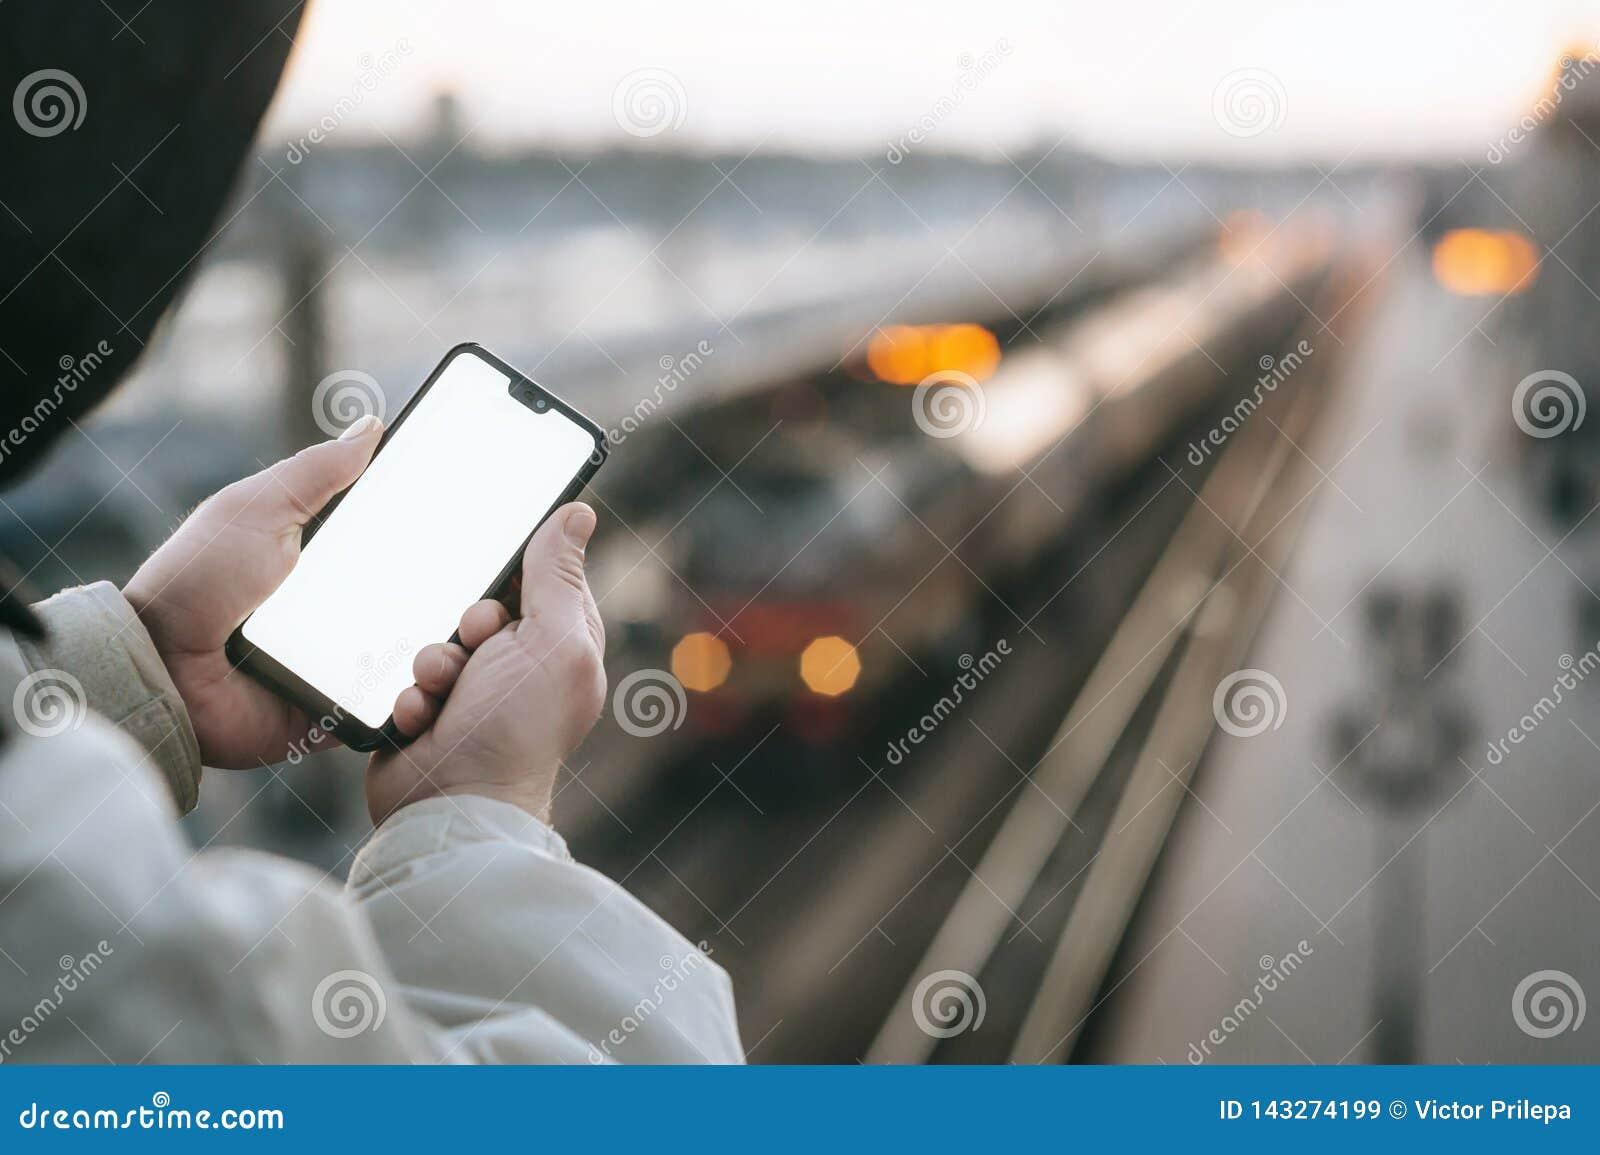 L uomo sta tenendo uno smartphone alto falso in sua mano, contro lo sfondo del treno alla stazione ferroviaria